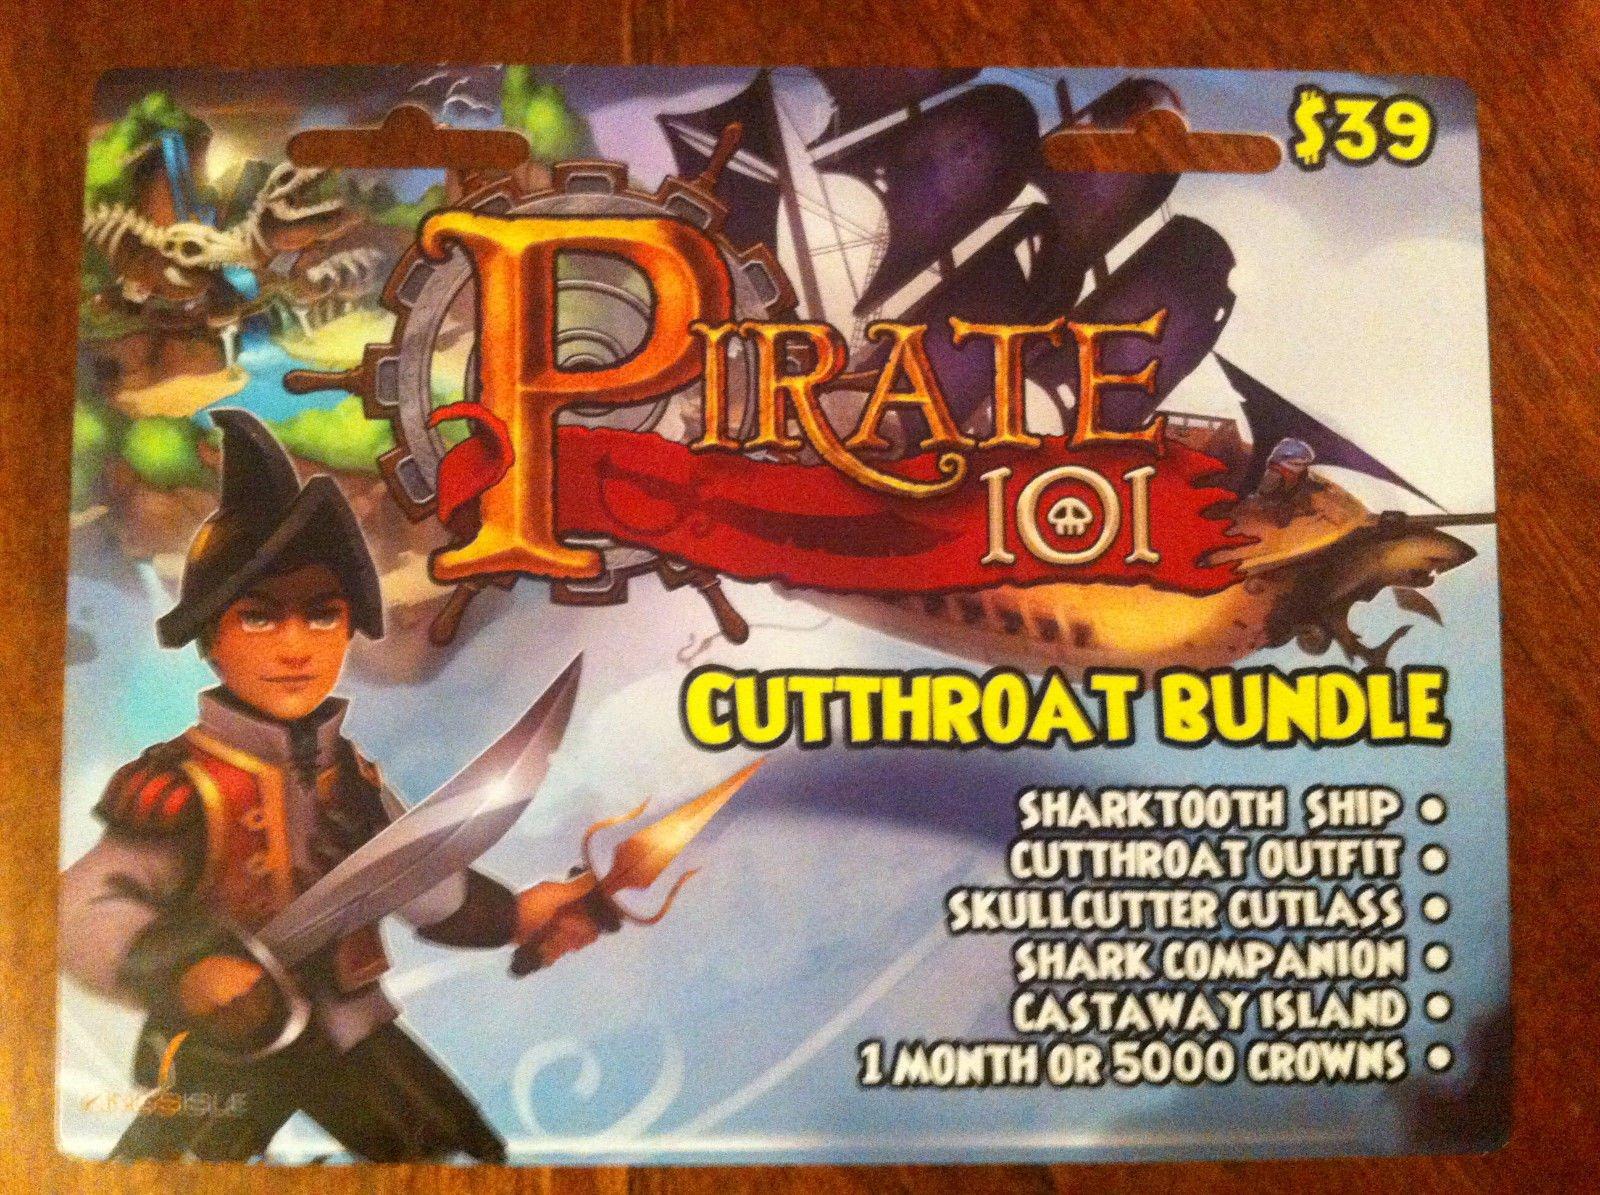 Amazon com: Pirate 101 Cutthroat Bundle Prepaid Game Card